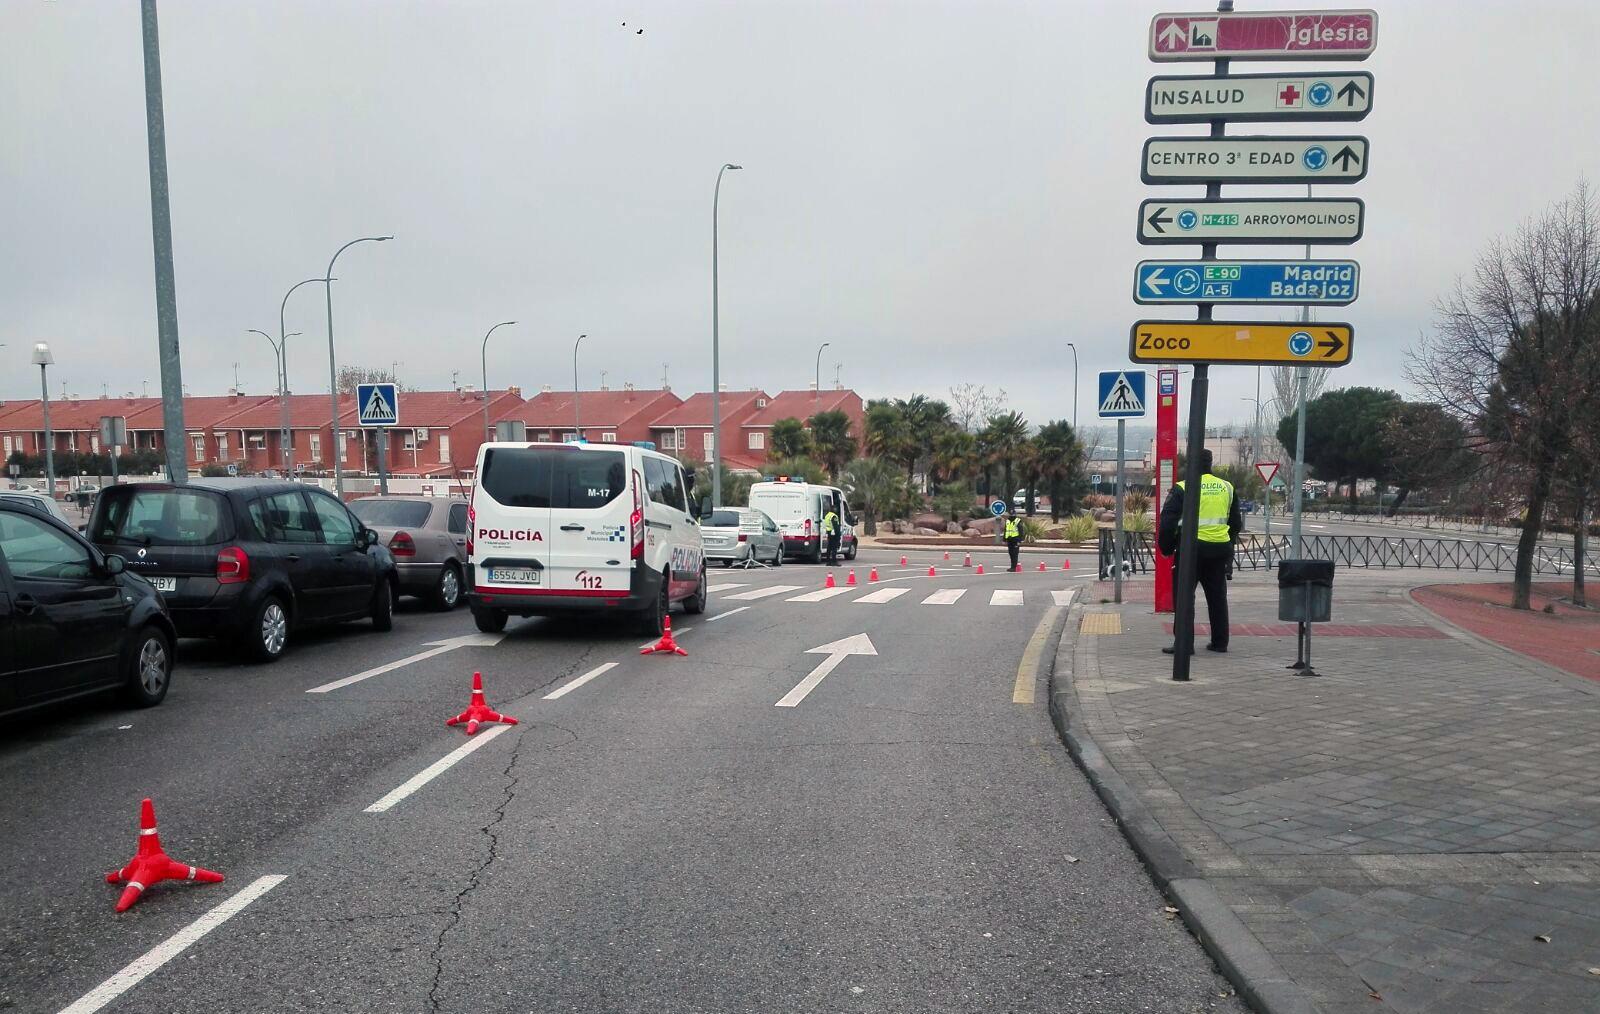 Texto Alternativo: Móstoles encabeza la lista de ciudades españolas con menos fallecidos en accidentes de tráfico en el casco urbano